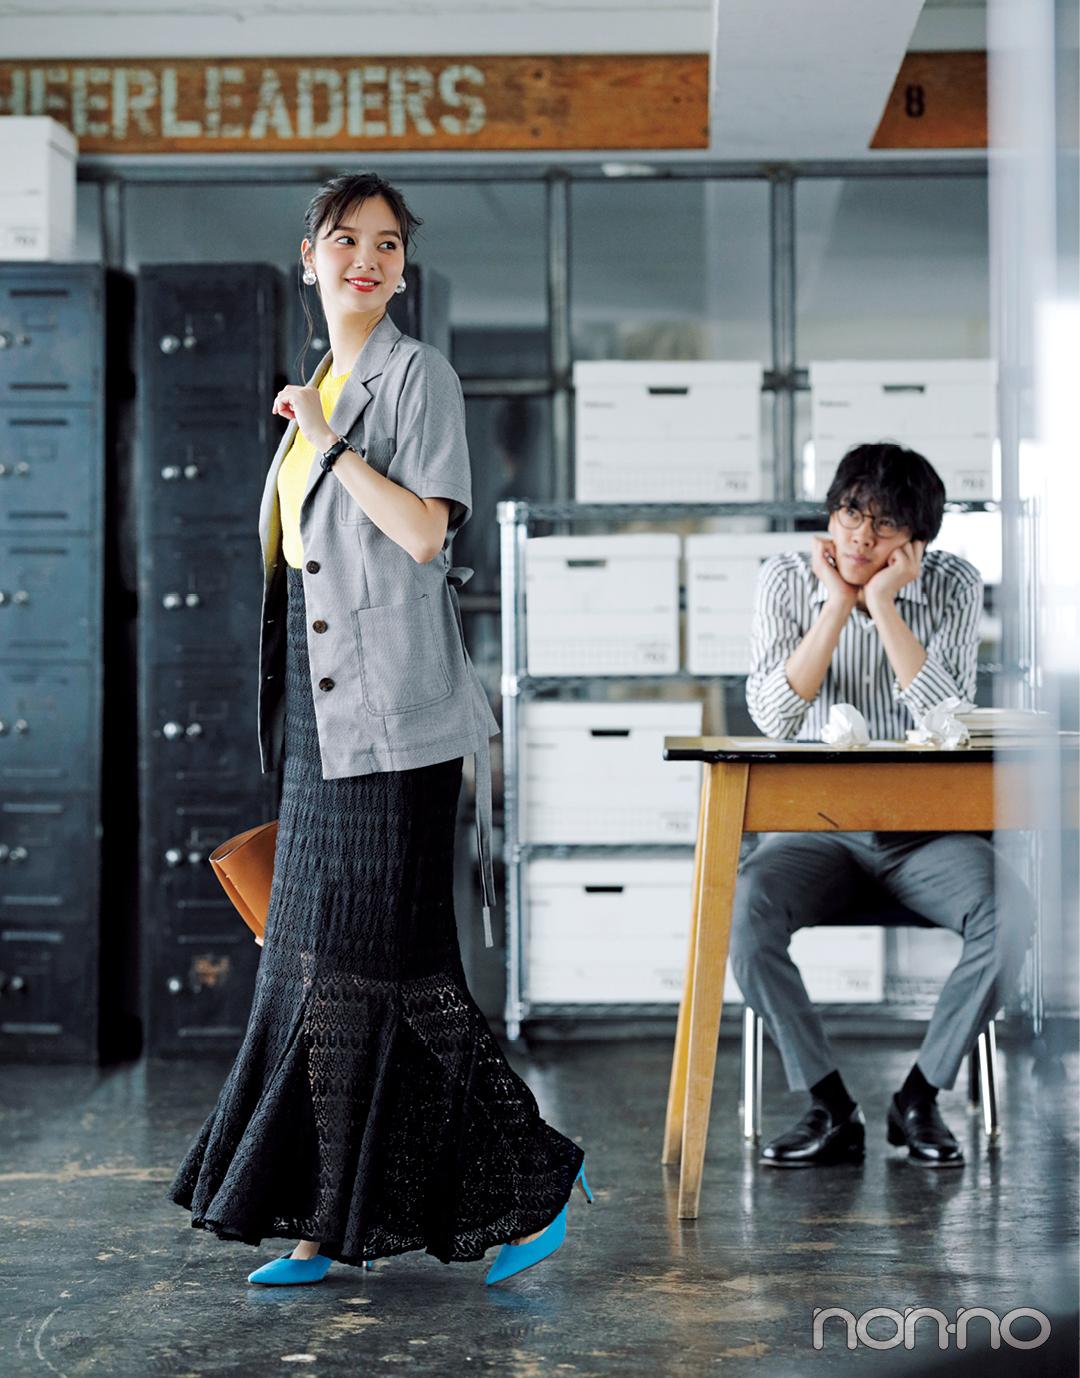 スーパー社員の新川優愛先輩に新人のボクがギャップ萌えしたワケは…【vol.2】_1_5